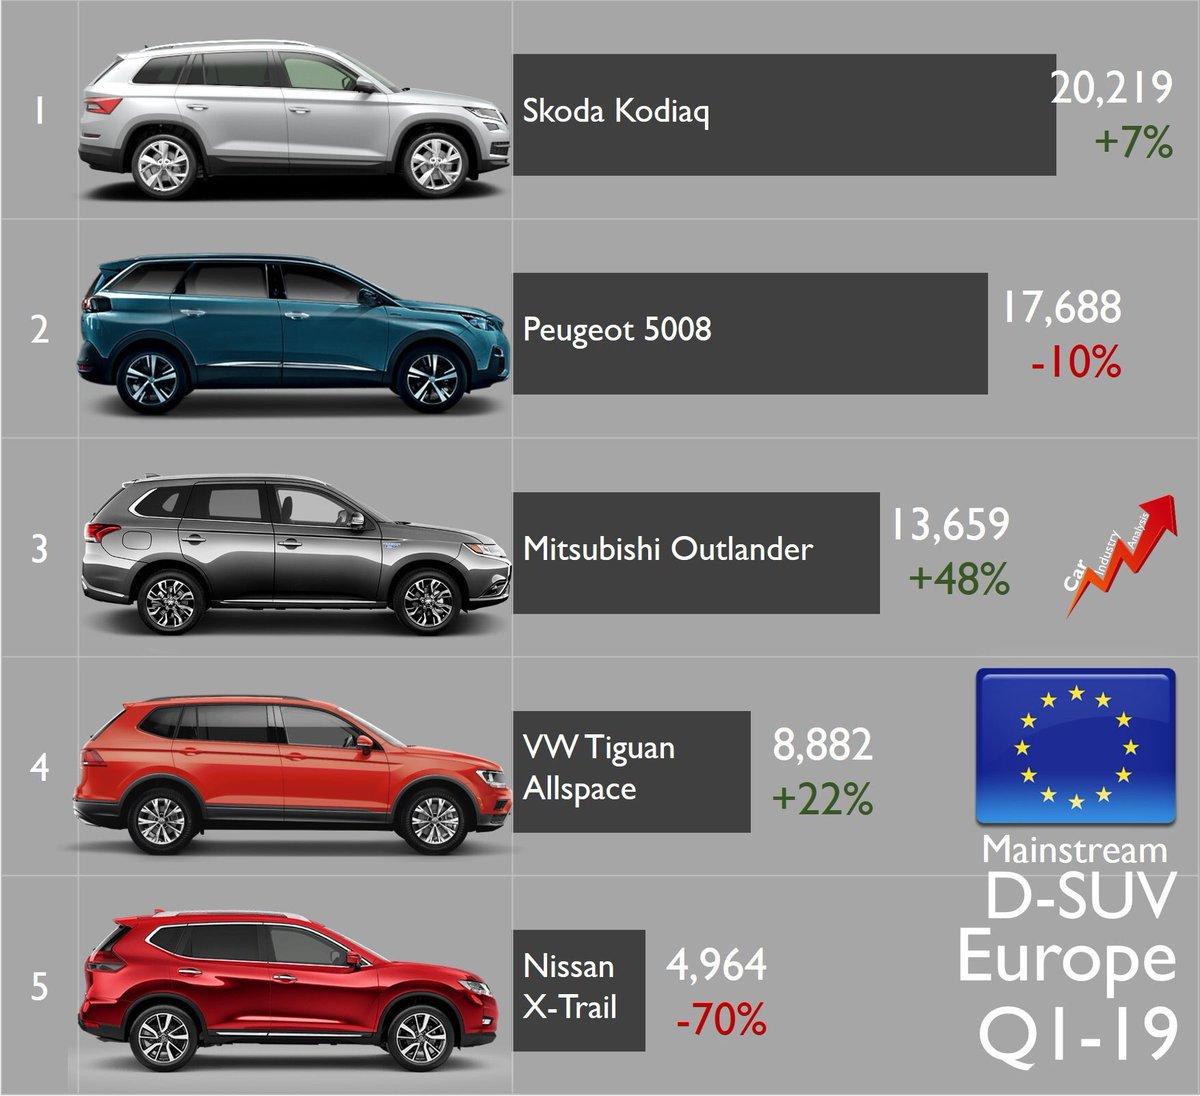 [Statistiques] Par ici les chiffres - Page 2 D4yI08EWwAQ_qBA